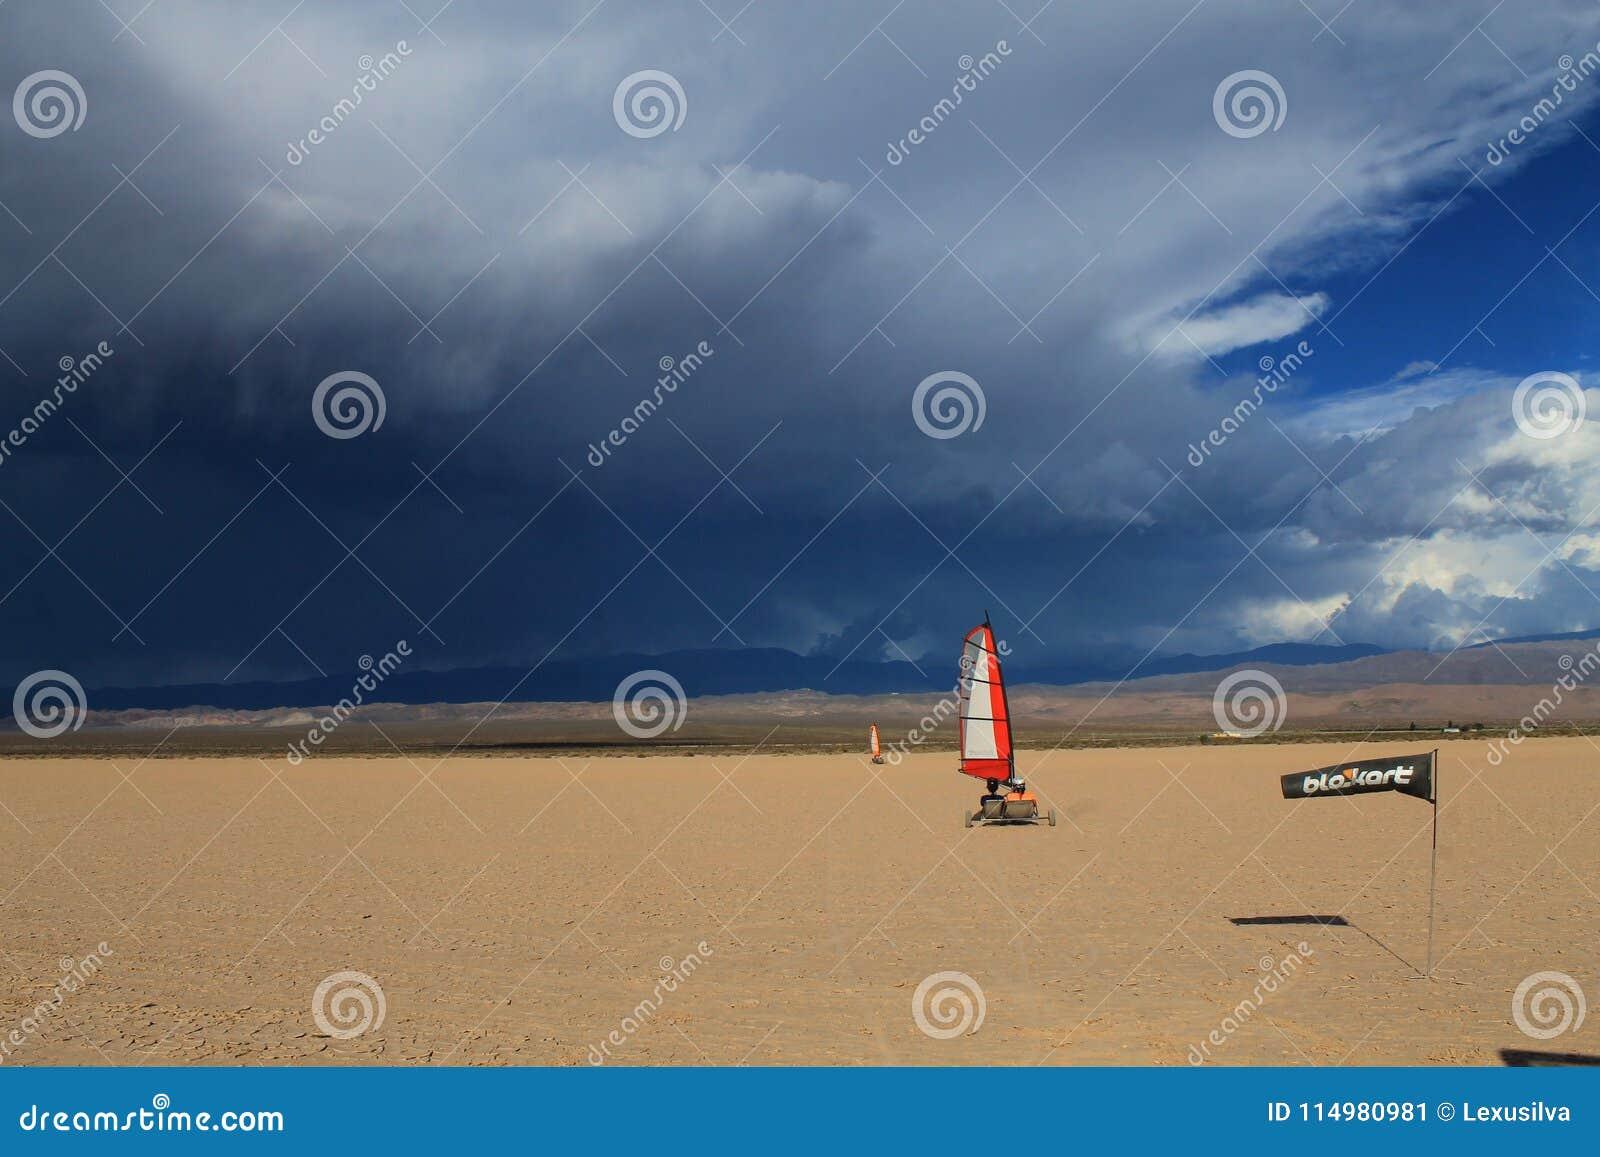 El Leoncito Blokart storm